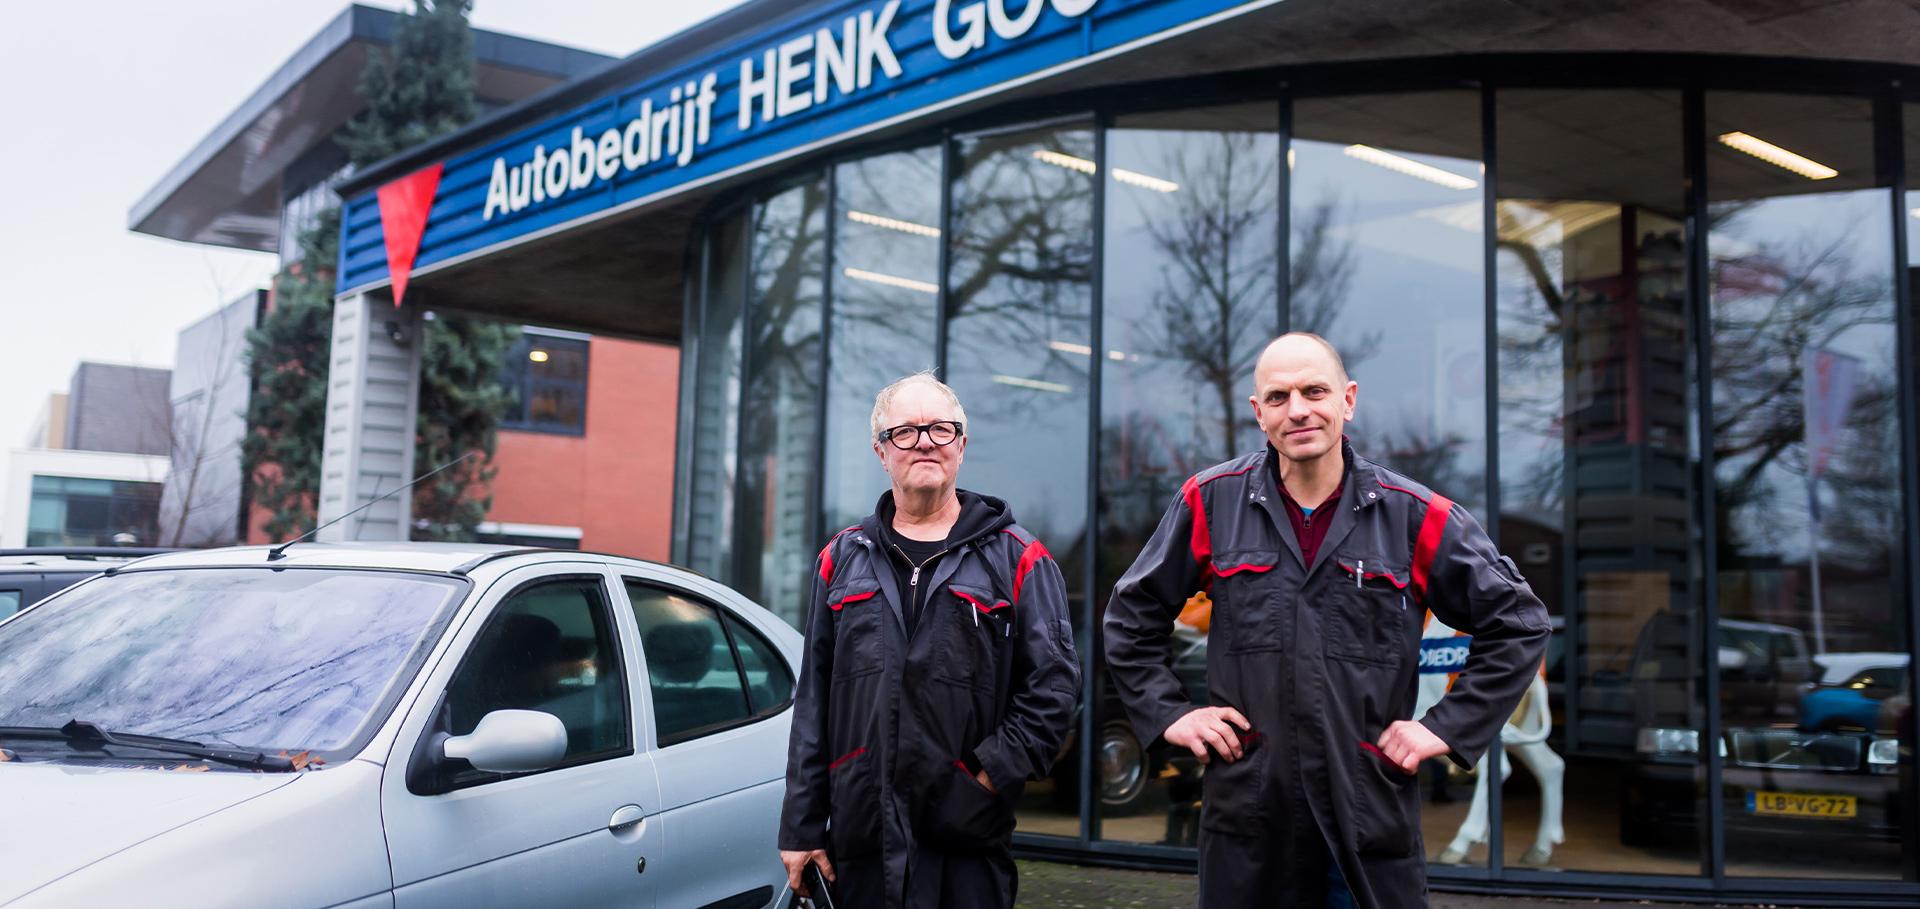 Henk en Gert